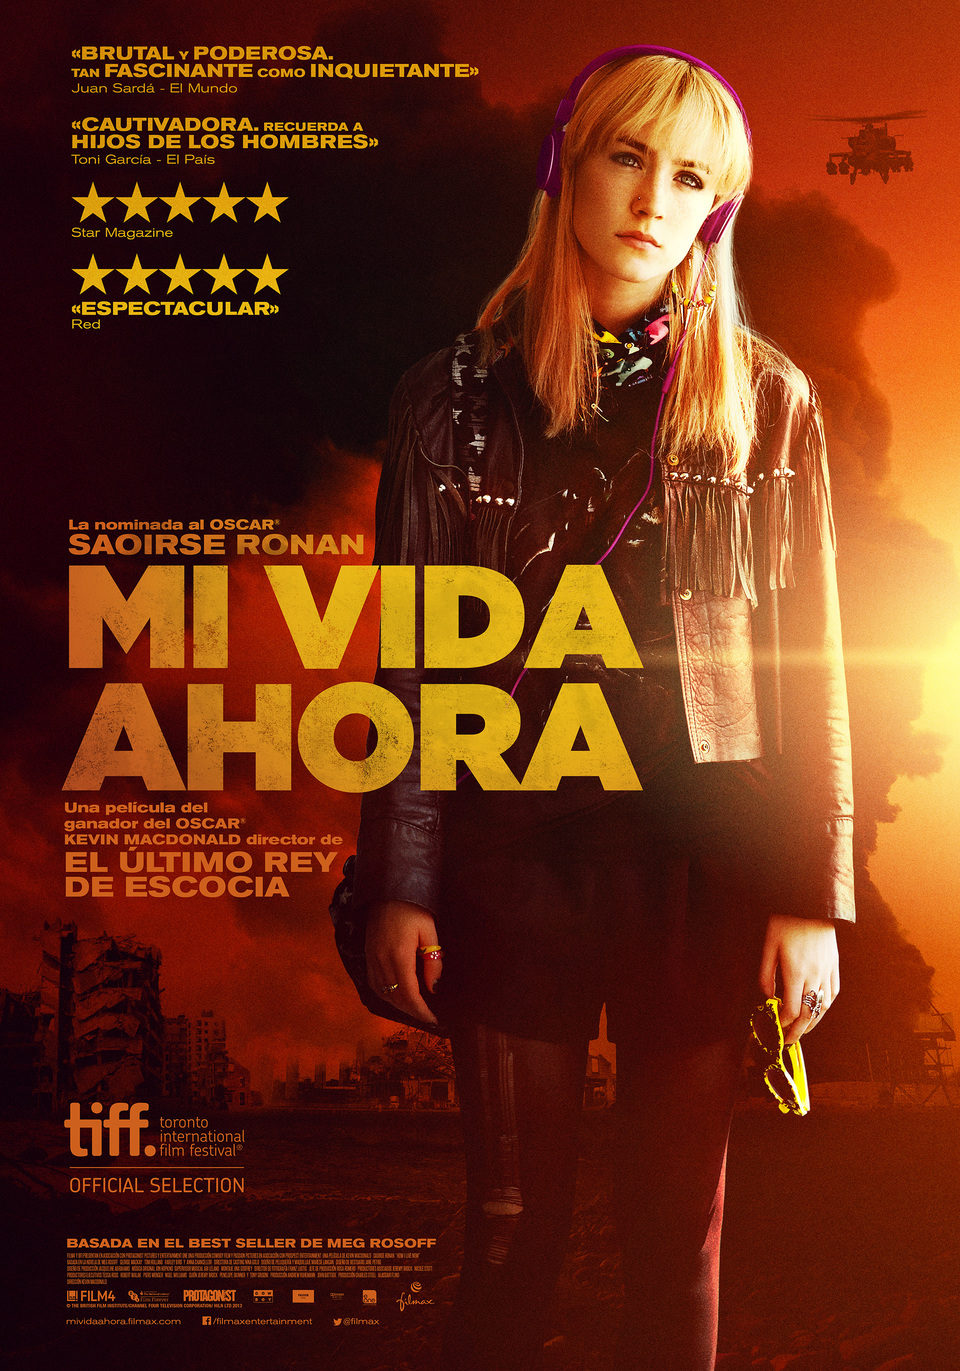 Cartel España de 'Mi vida ahora'